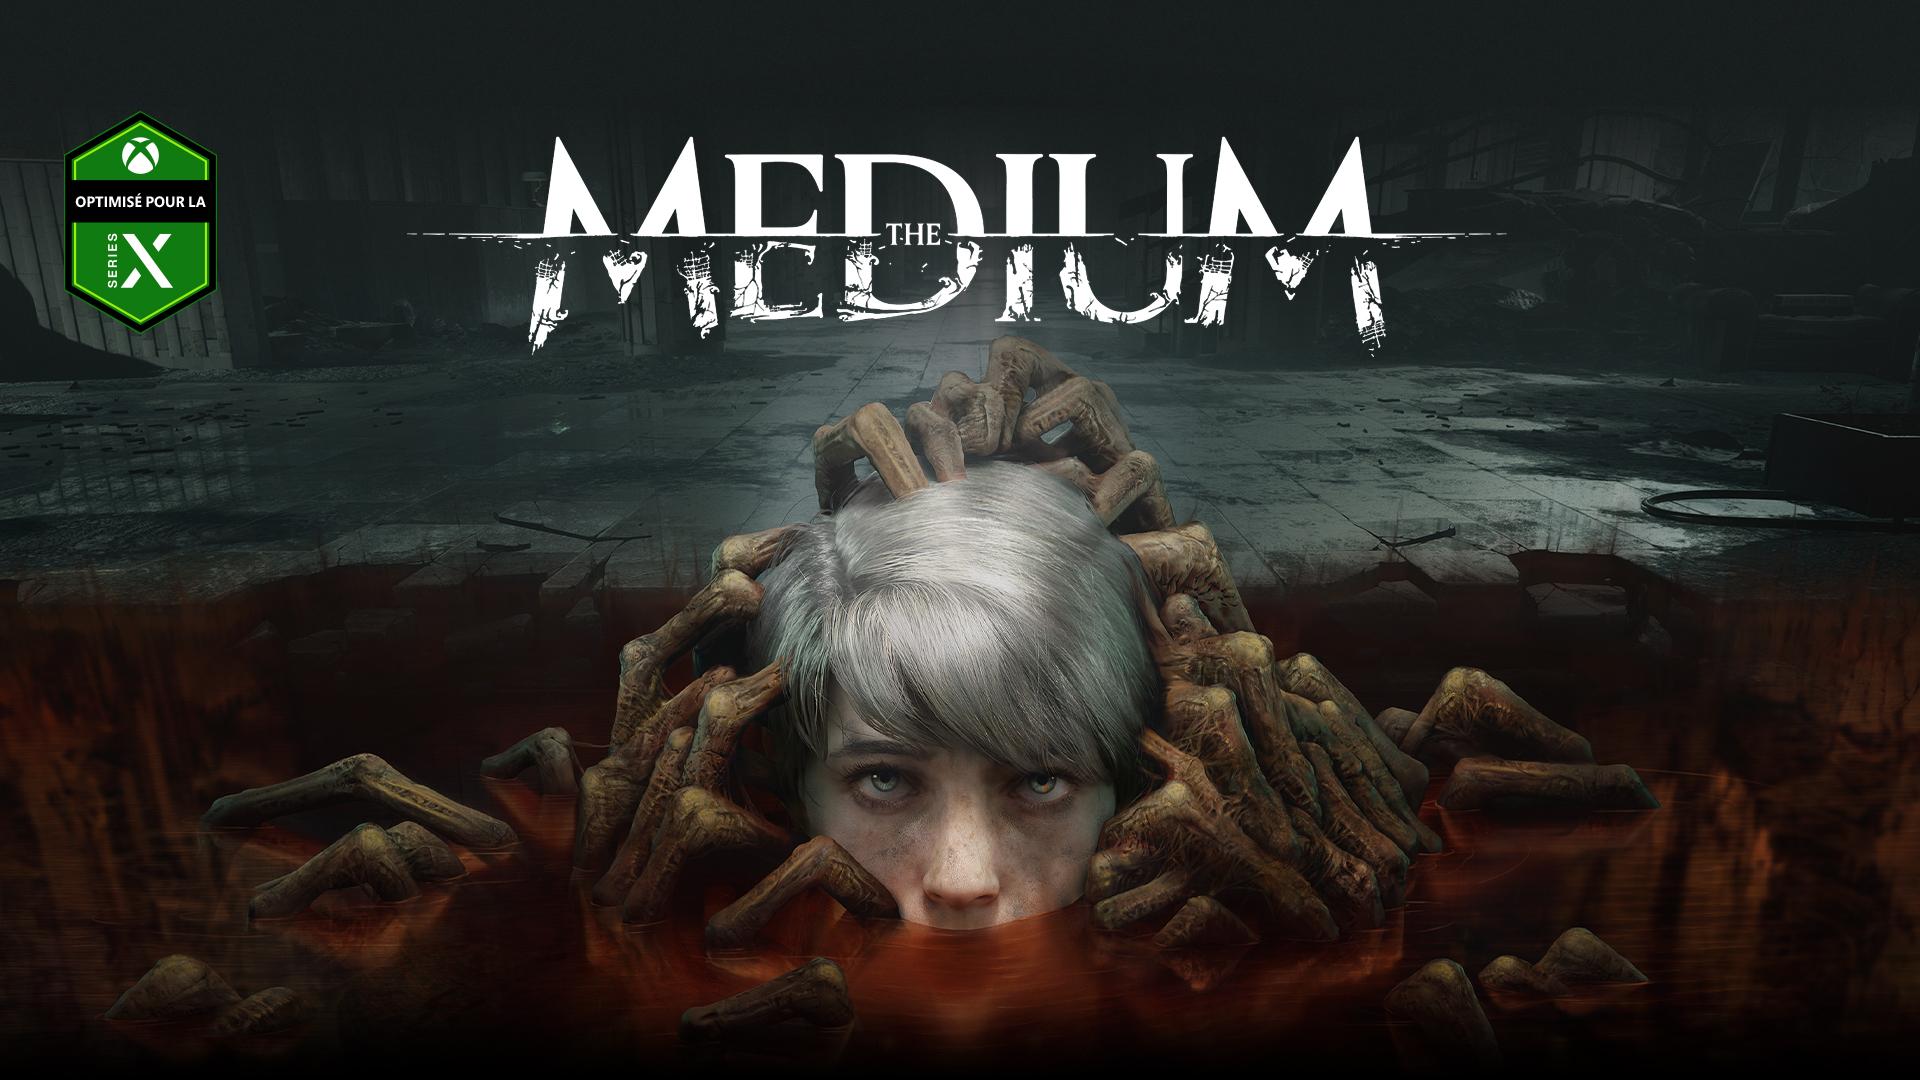 The Medium, optimisé pour la SeriesX, la tête d'un enfant s'élève d'une marre remplie de mains de morts-vivants.